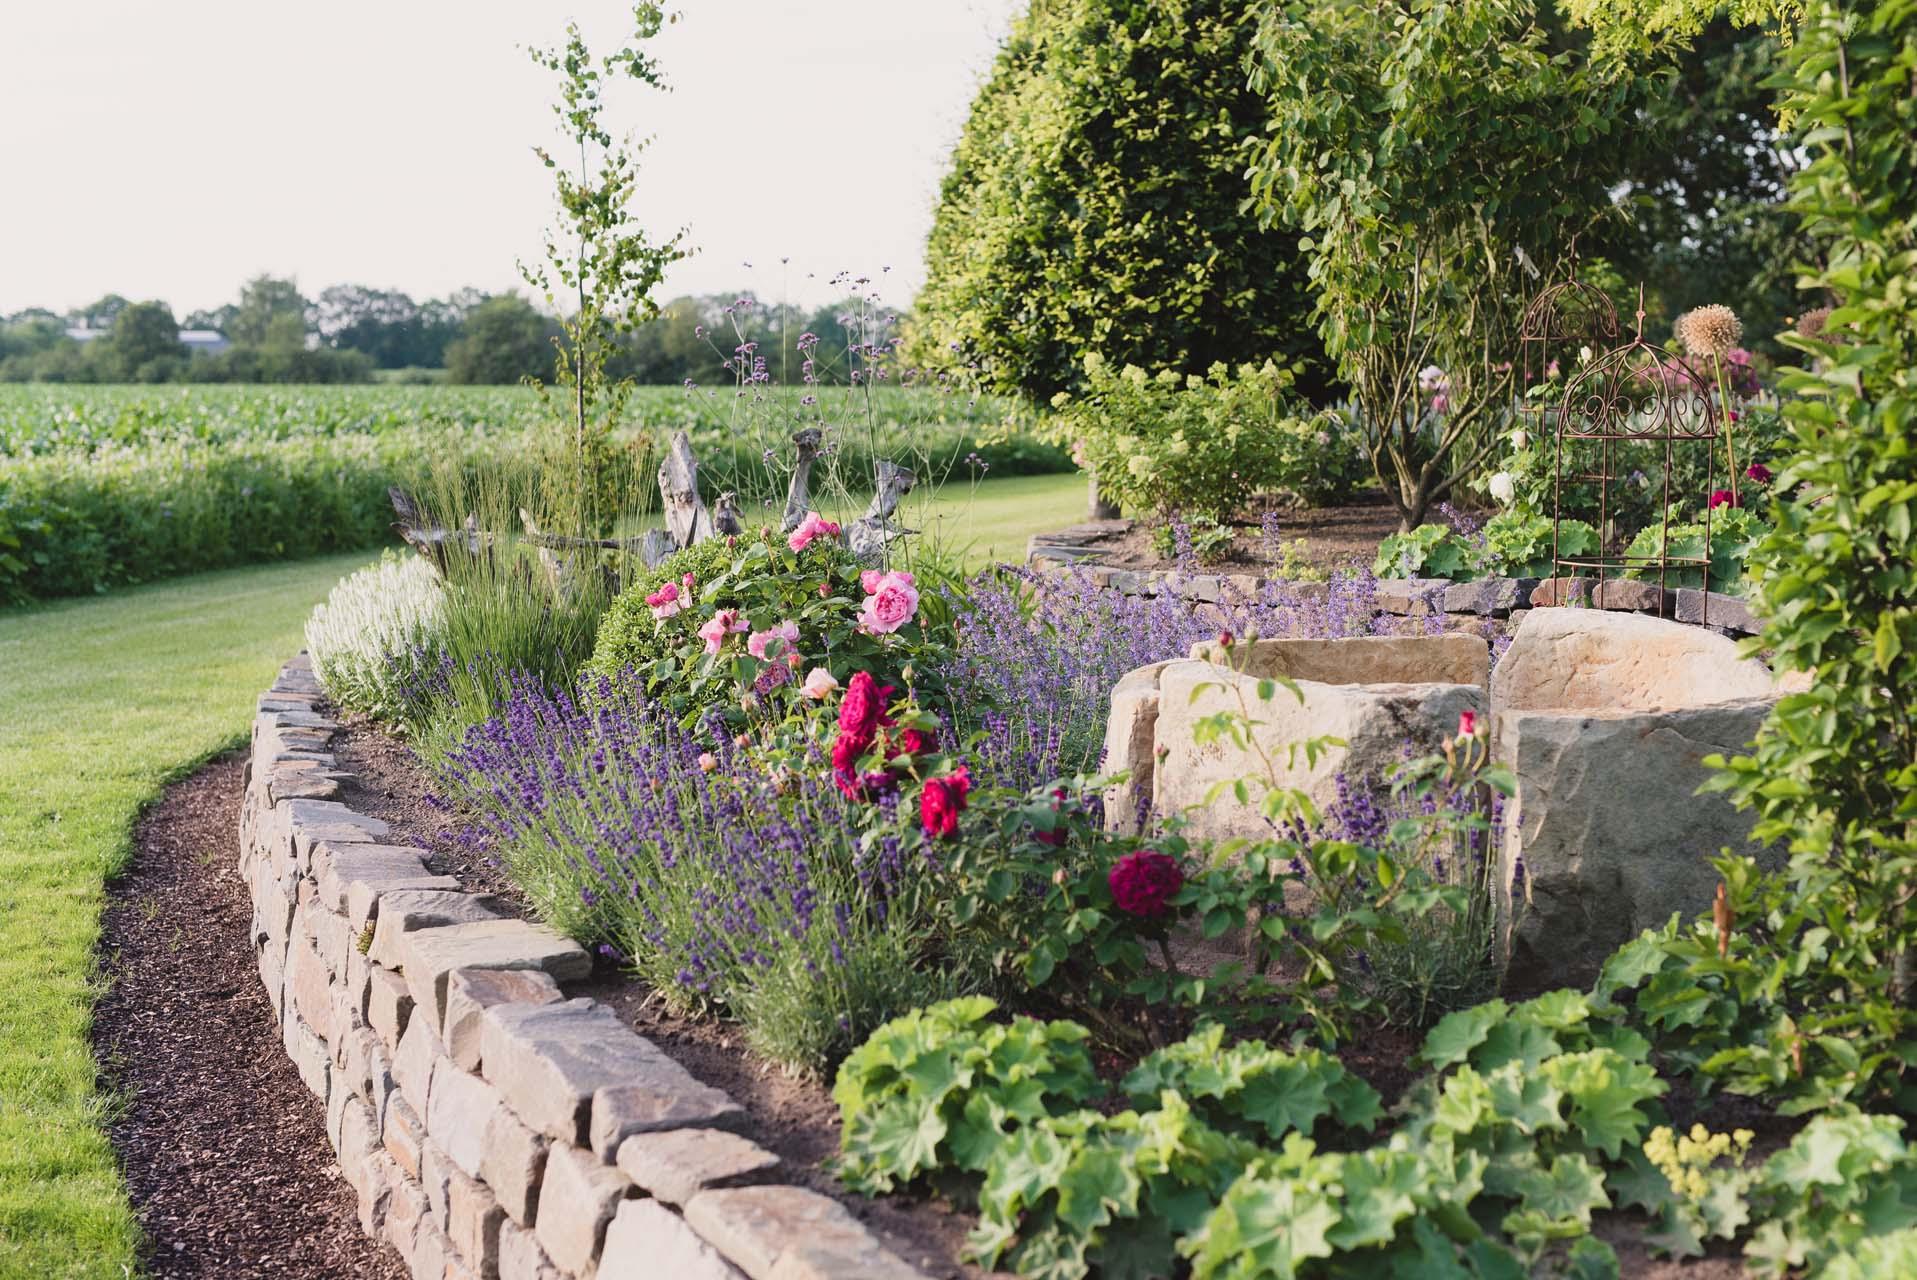 Gartengestaltung_Bild_1